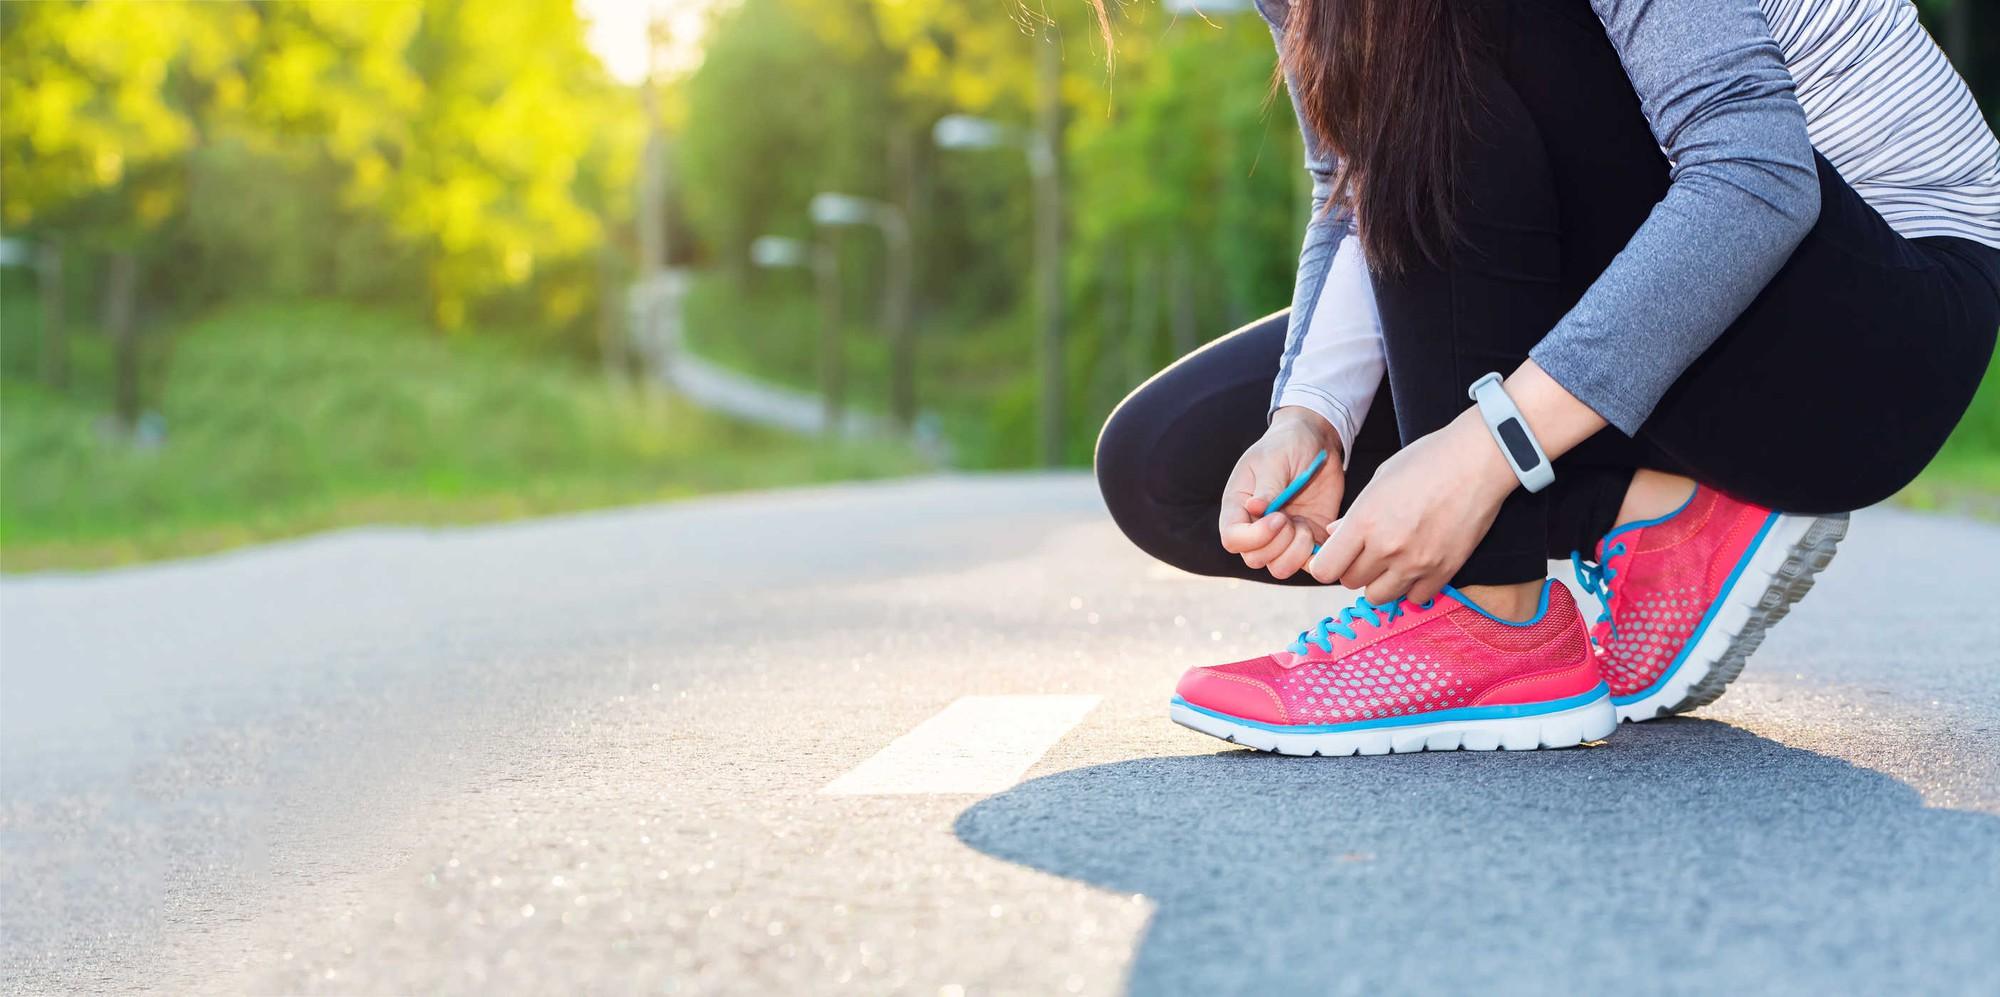 Người gầy hay béo cũng cần biết những thói quen giúp tăng cường trao đổi chất sau - Ảnh 3.